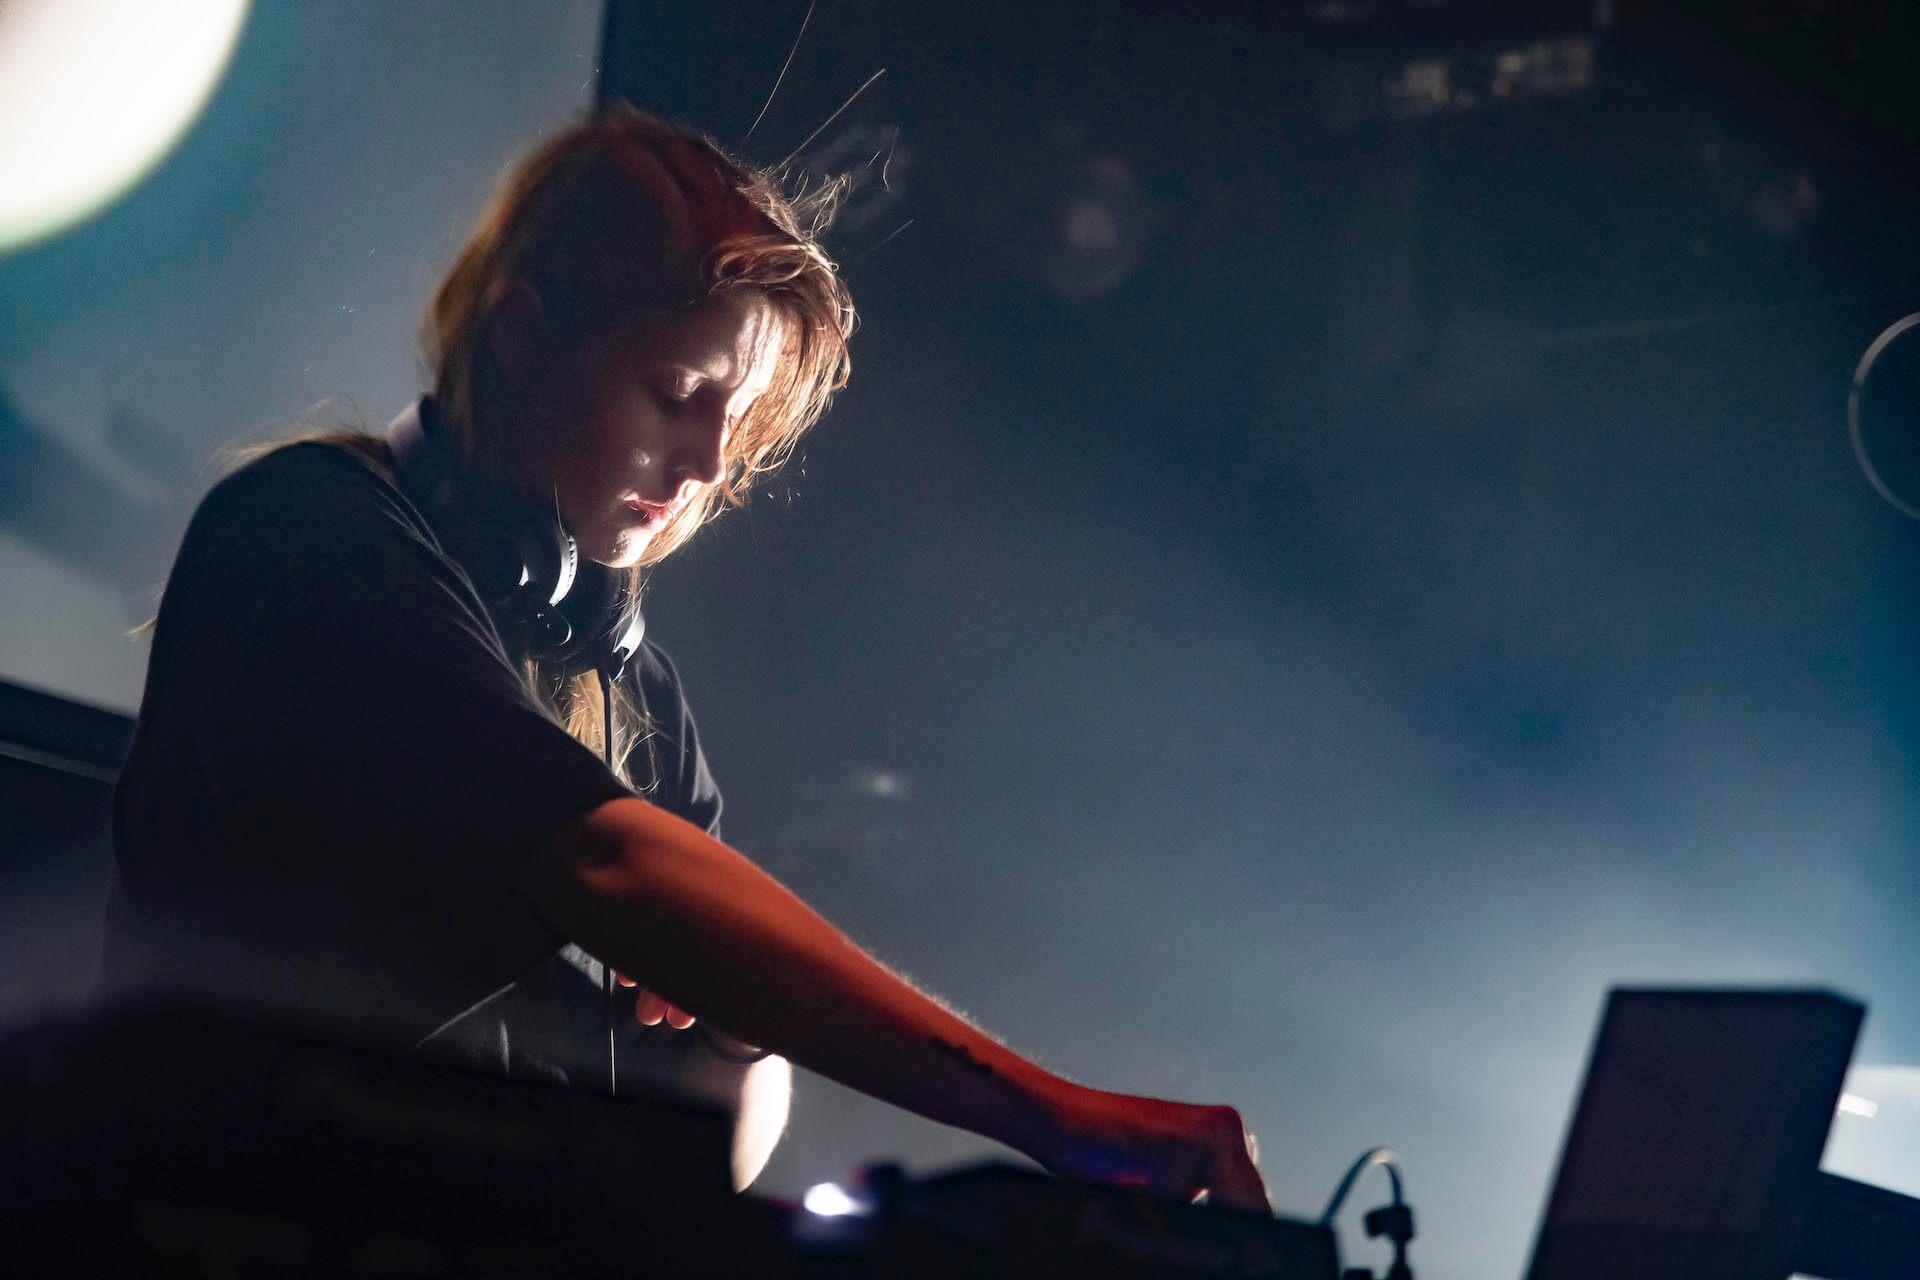 ベルギーの女性DJ・Charlotte de Witte×<ALIVE presents REBOOT>が東京のクラブナイトを再び更新する music190920_charlotte_04